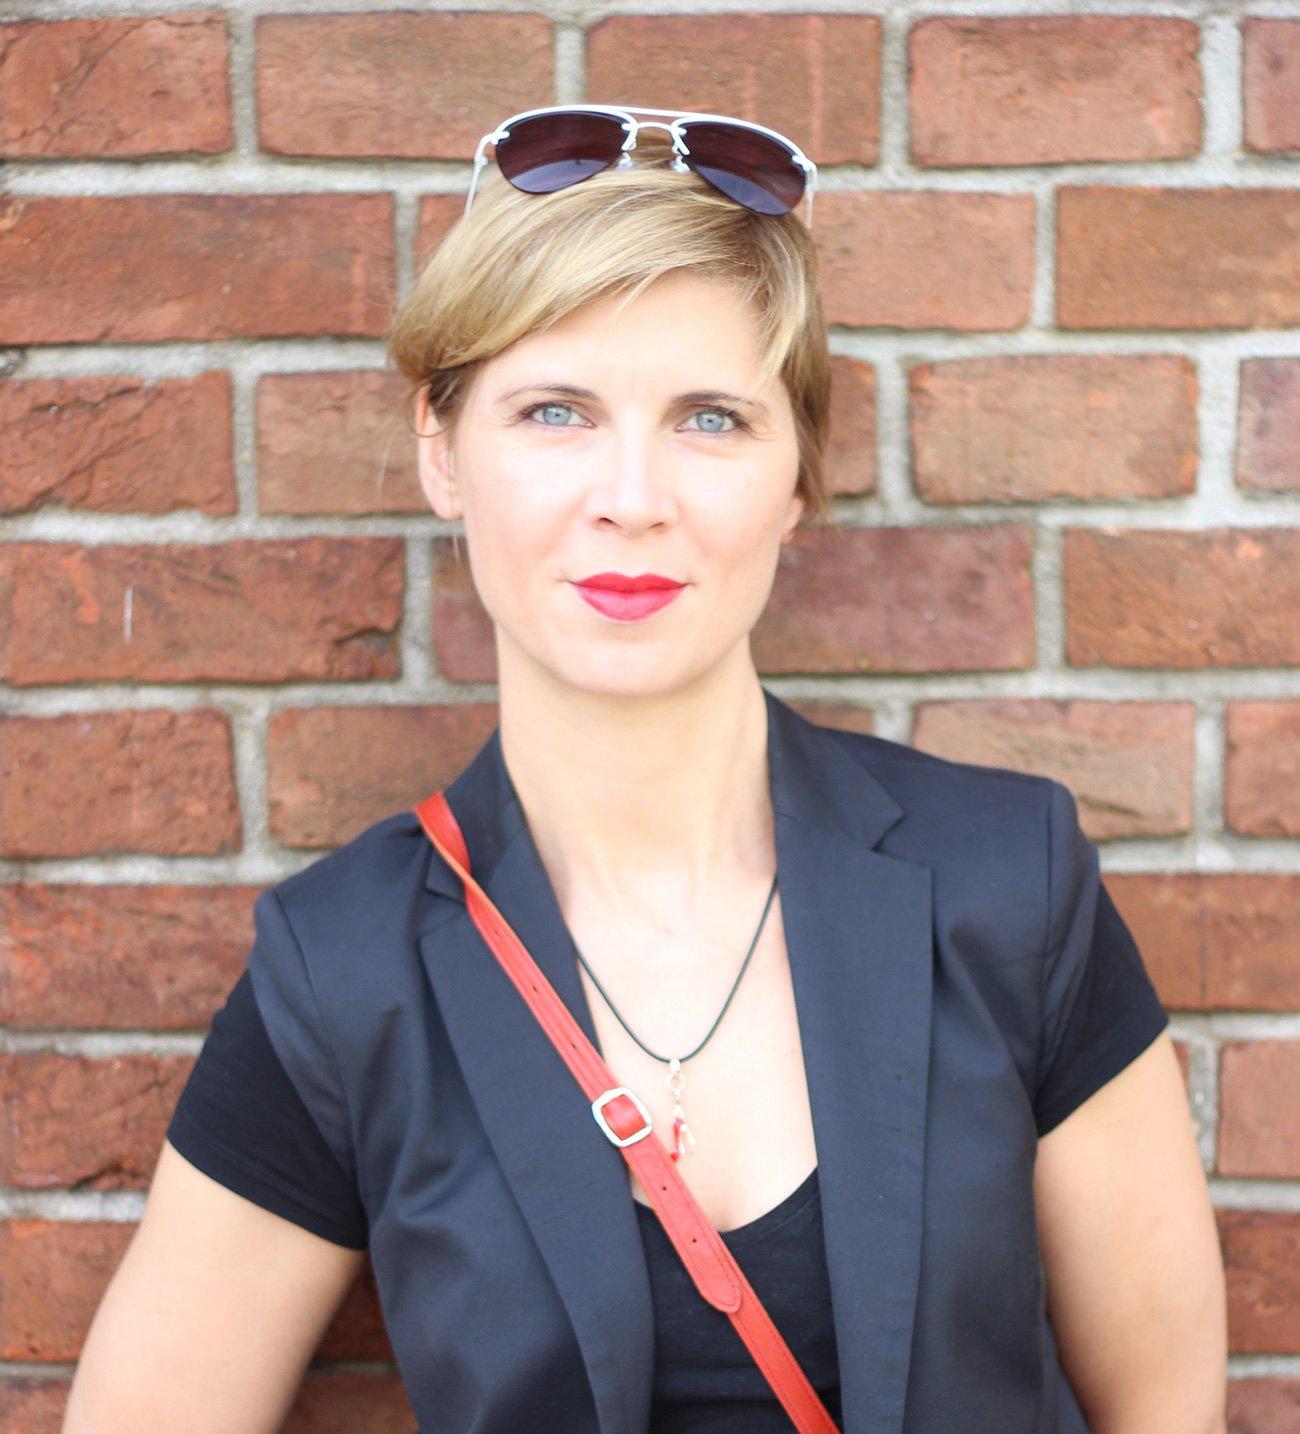 Conny, Fashionblogger, Porträt